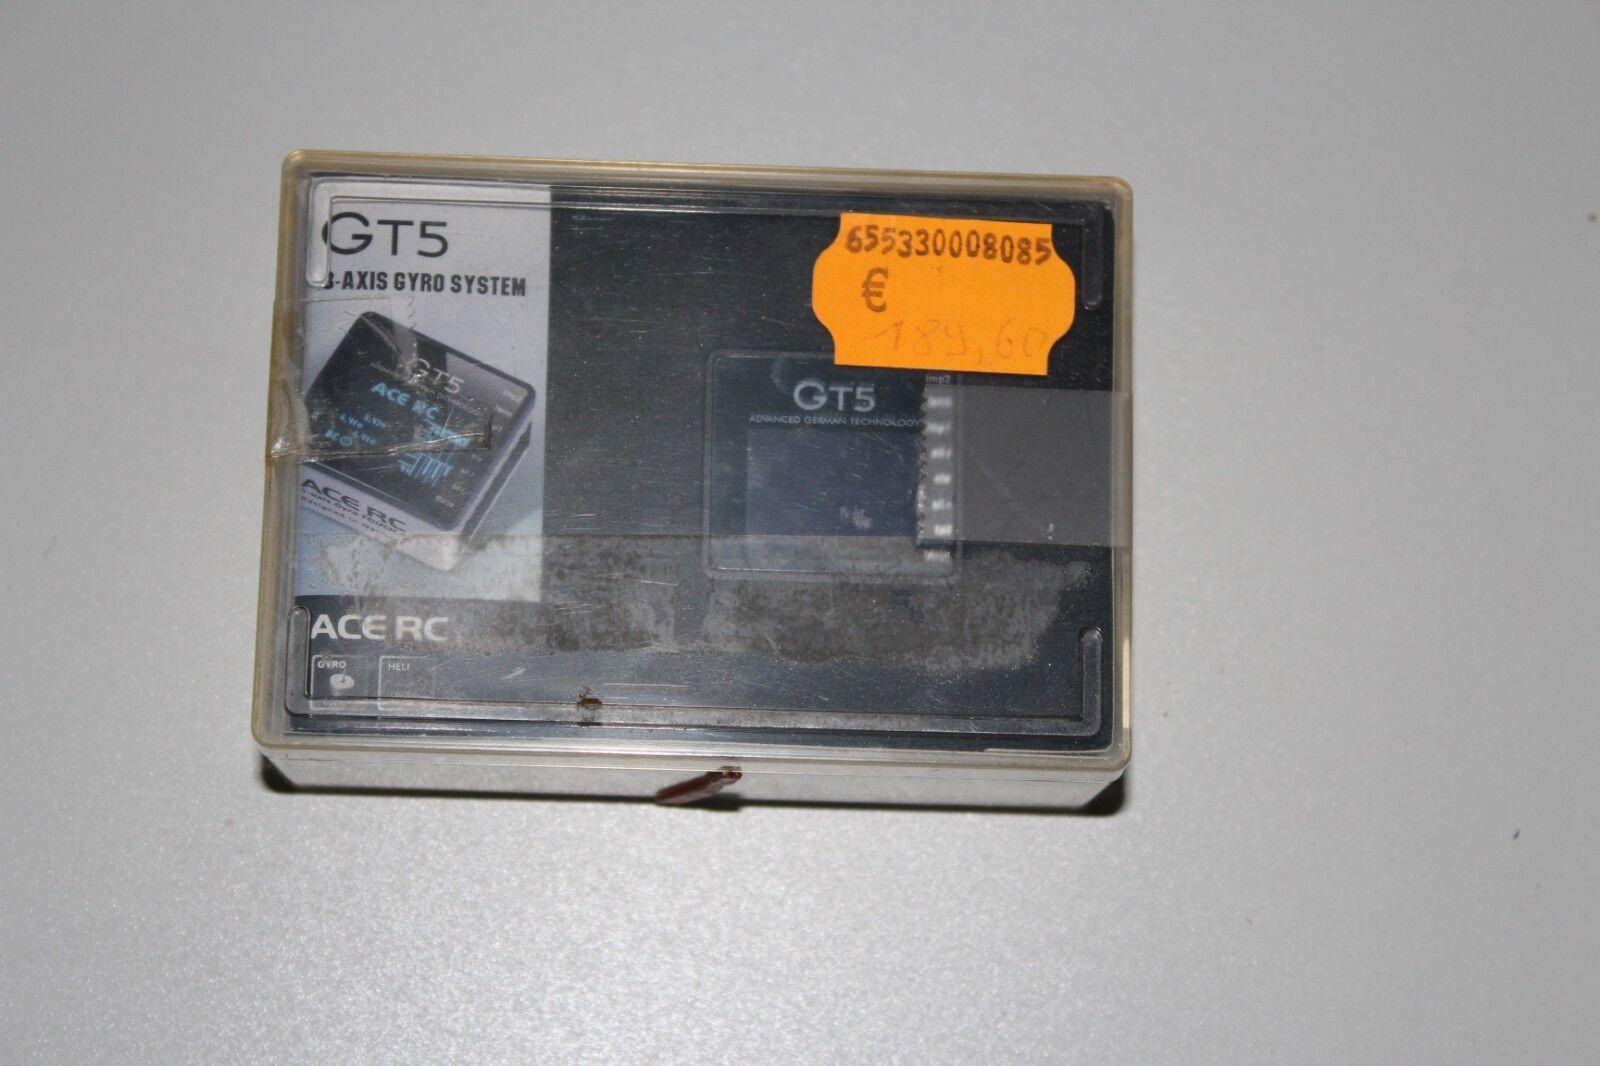 ACE RC GT5 Gyroscope 3 axes